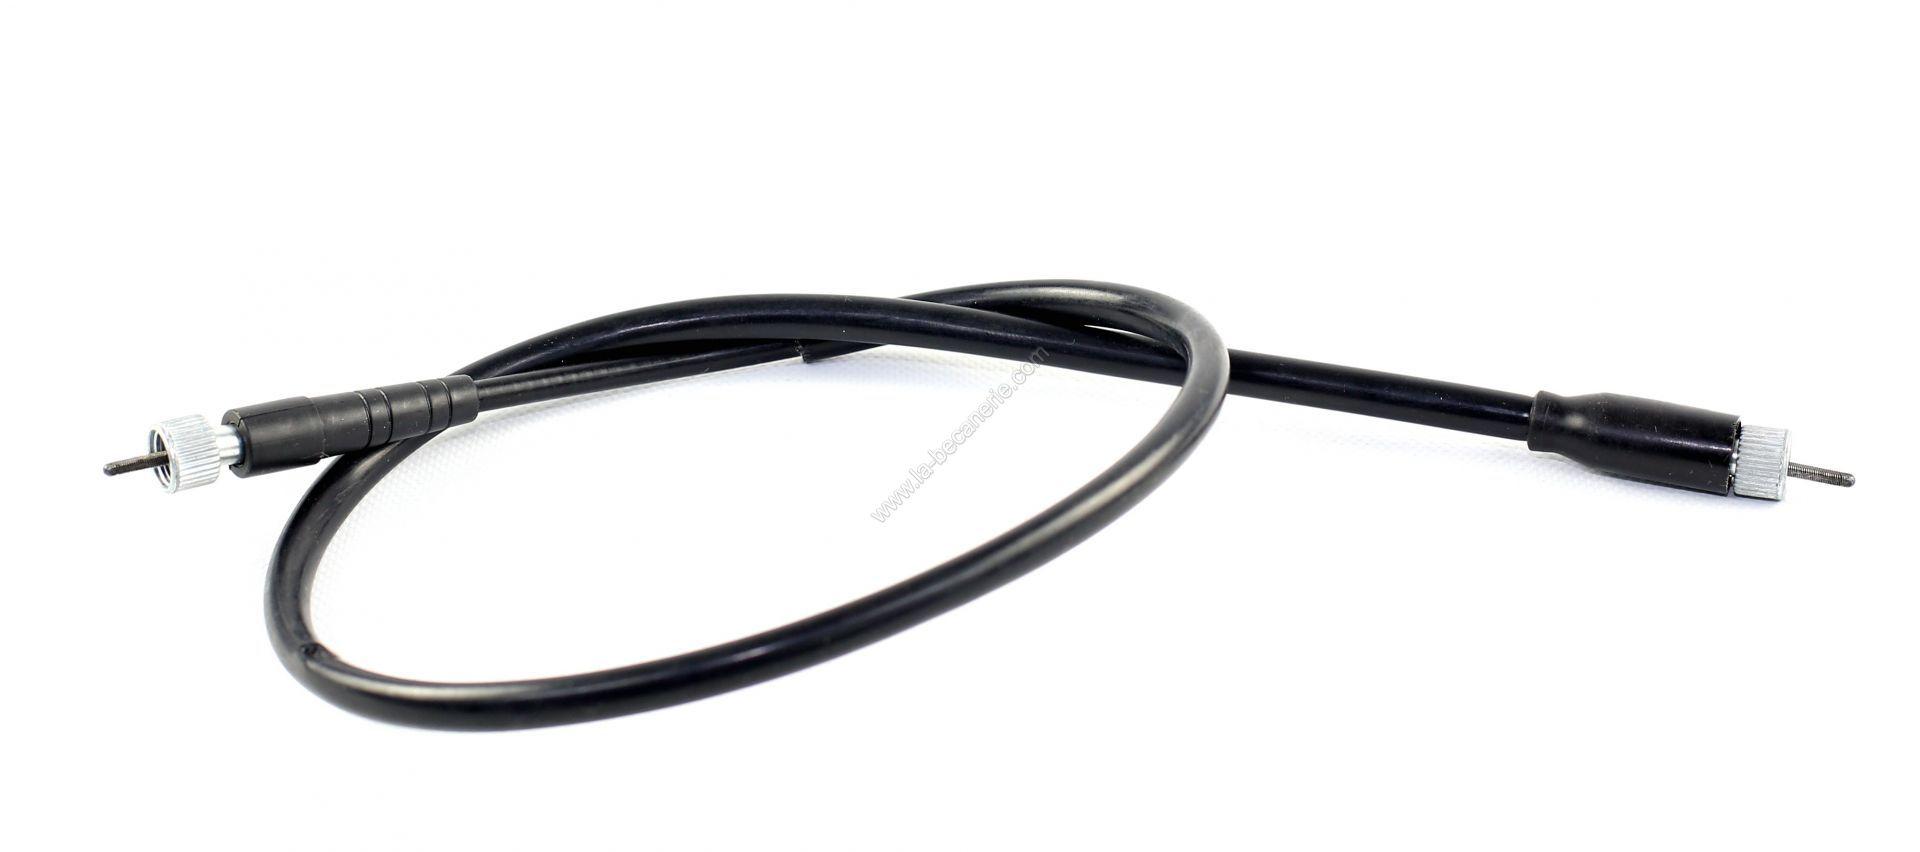 Cable De Compteur Xjr Sp 98 Xjr Sp 06